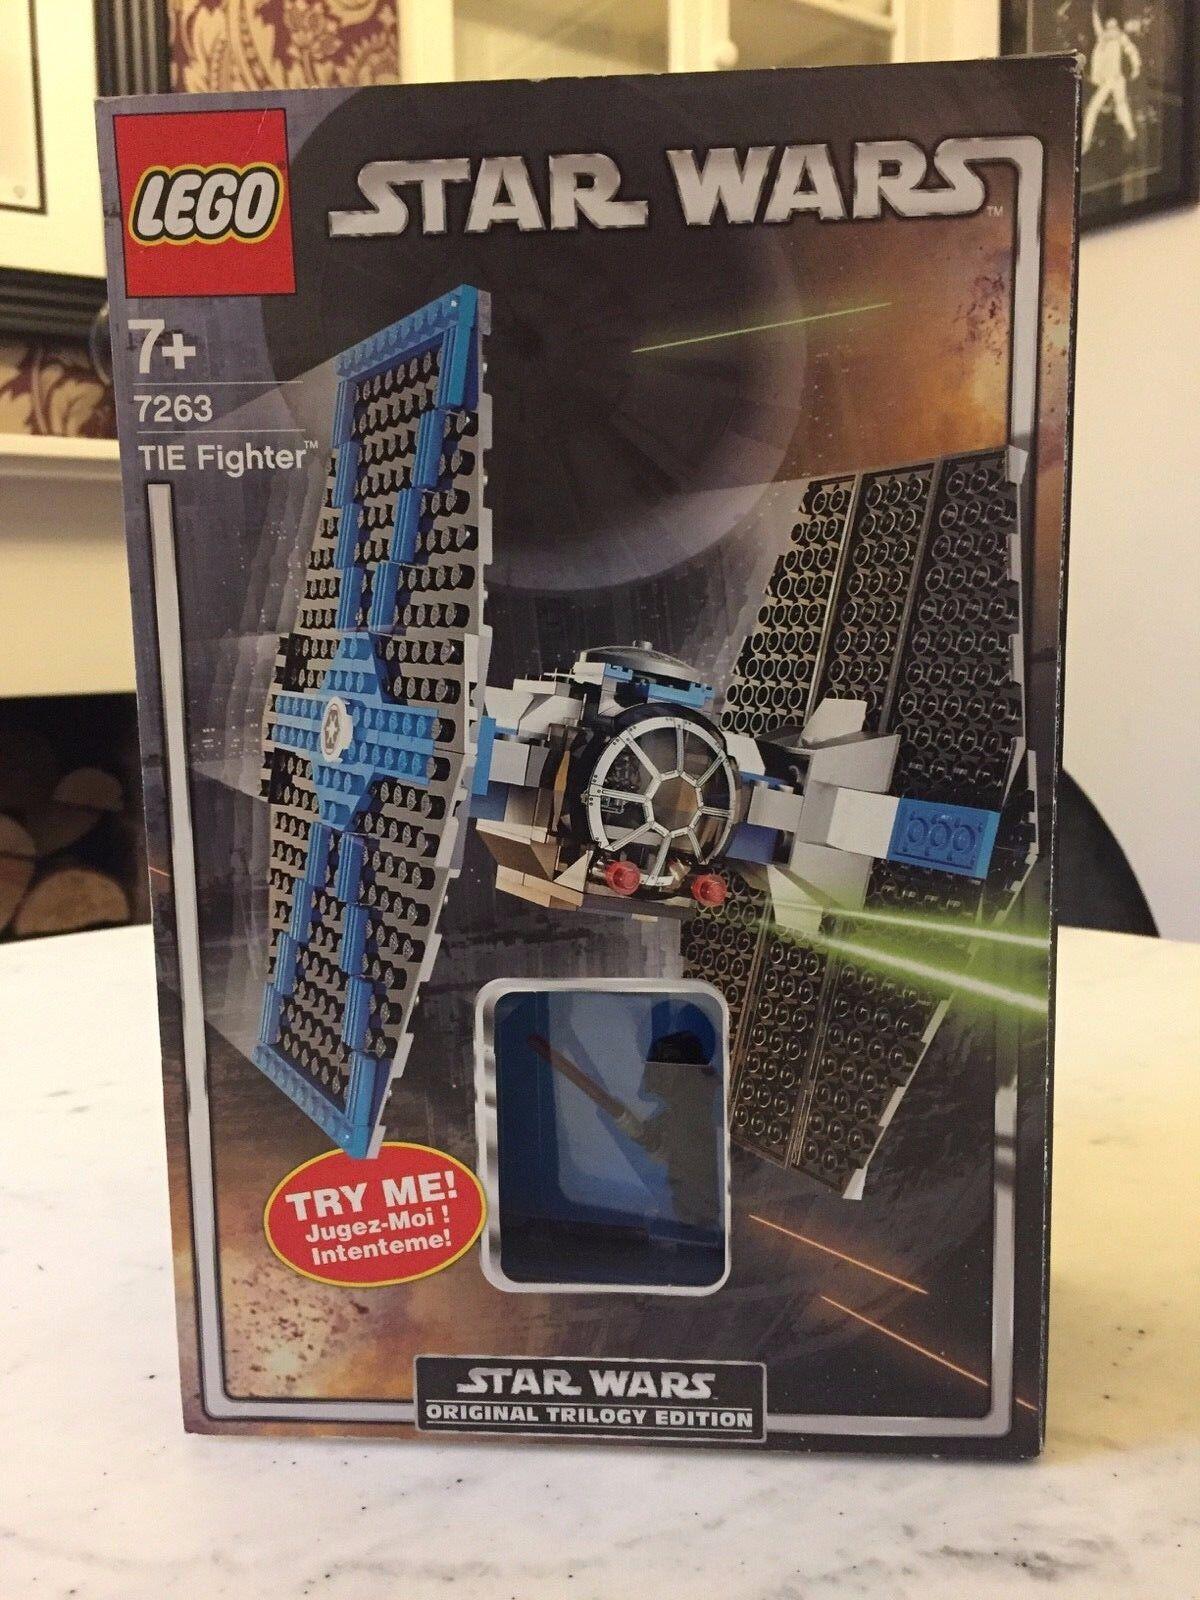 Lego Star Wars TIE Fighter 7263